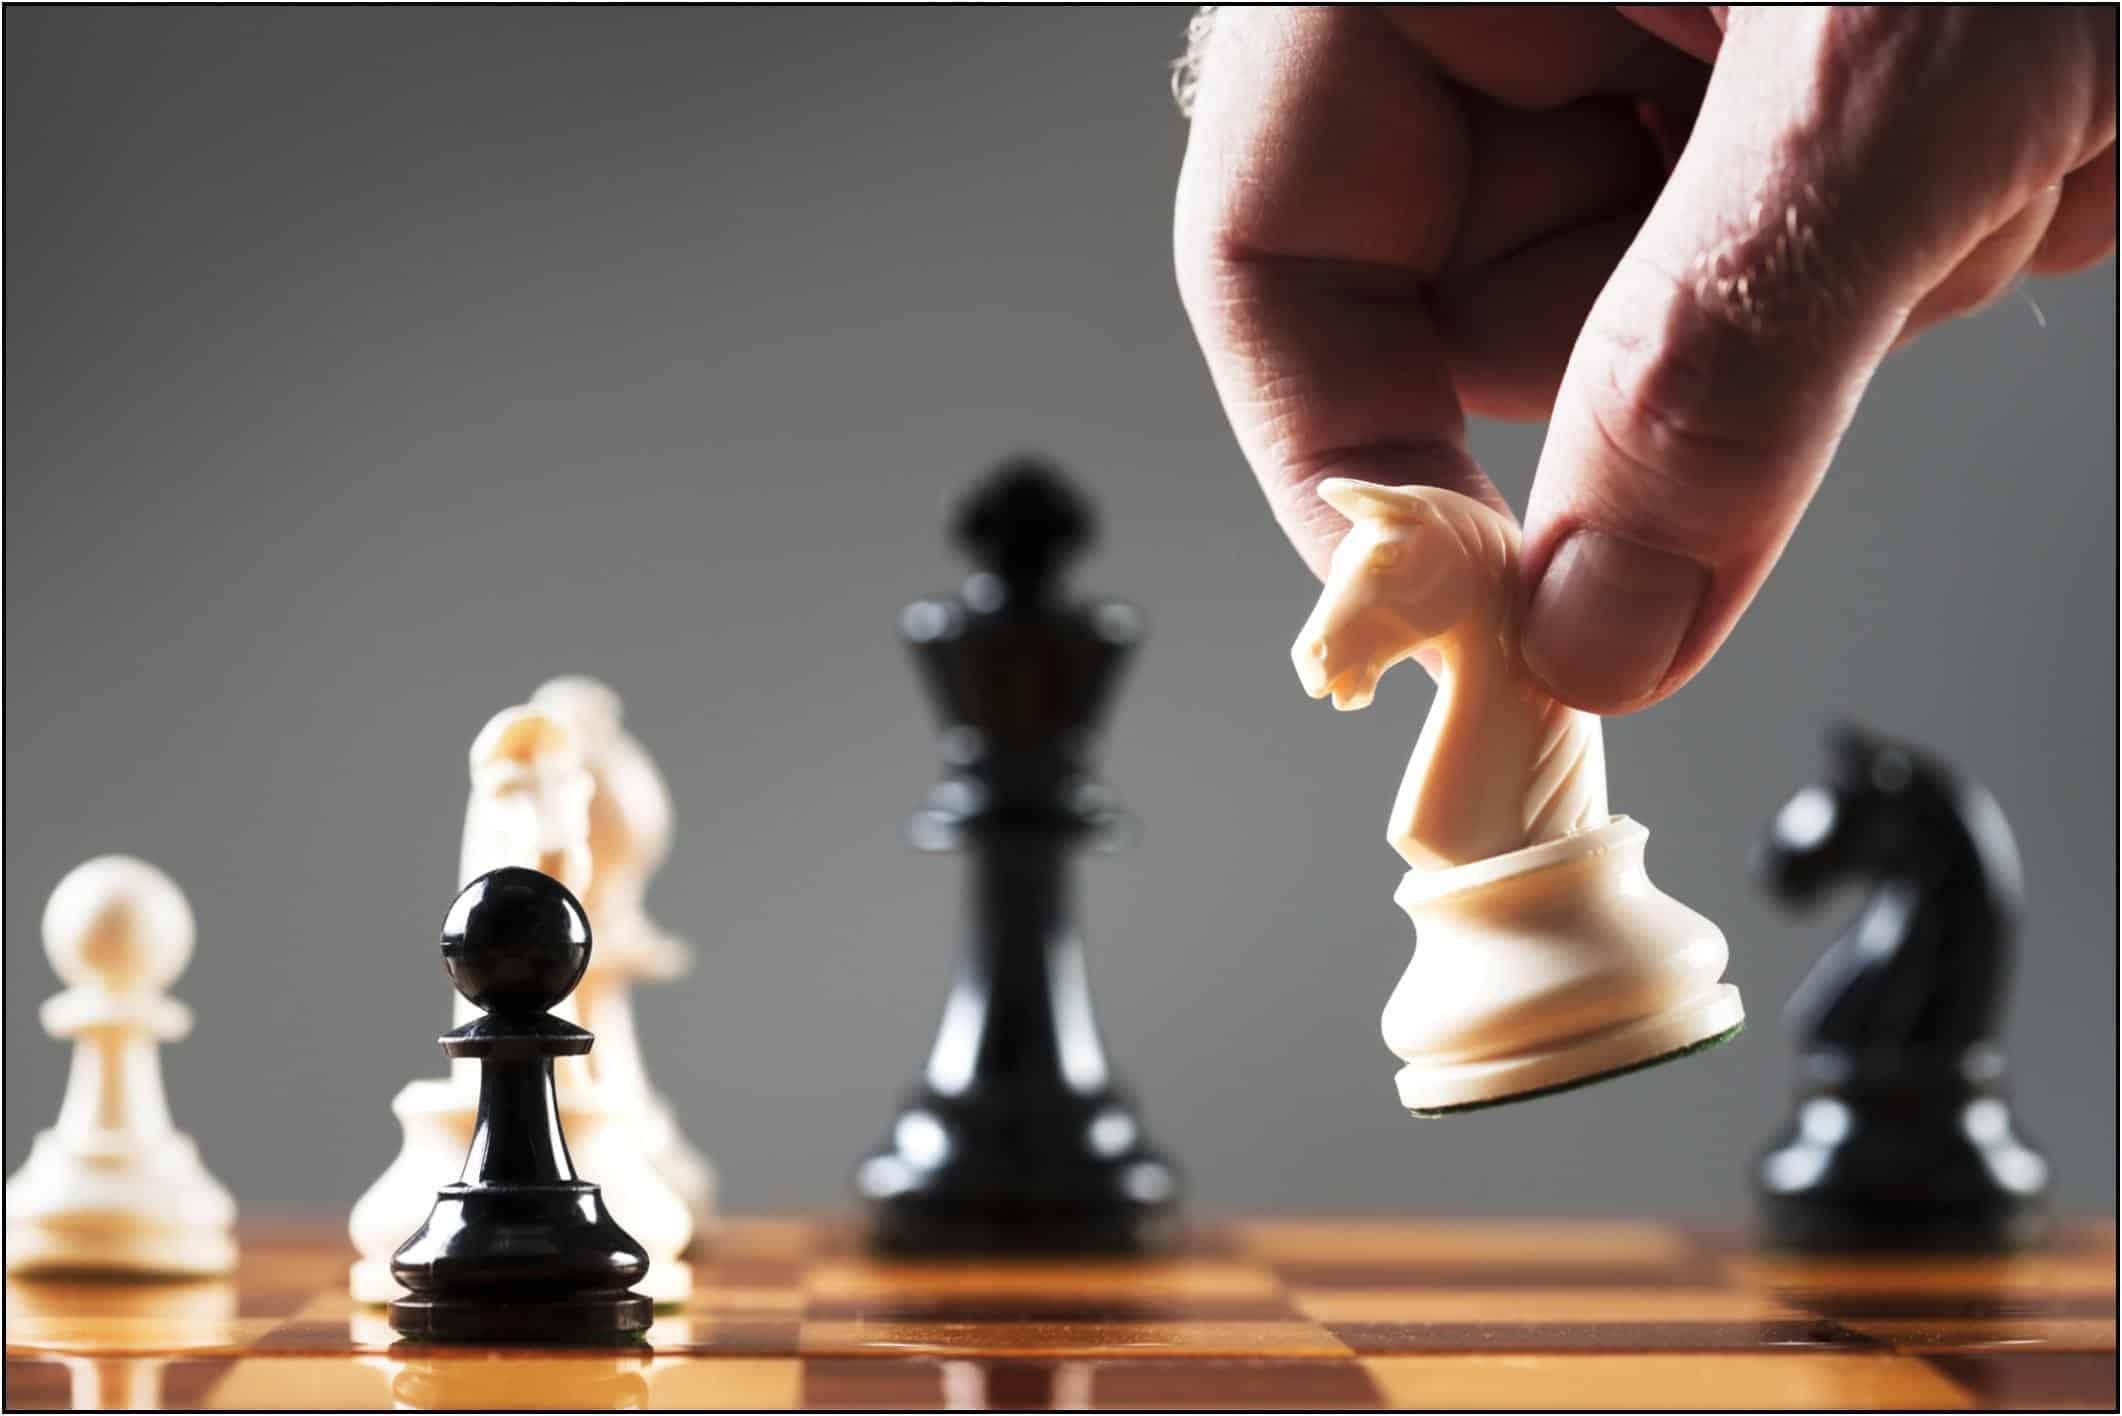 šachmatų strategijos prekybos figūros